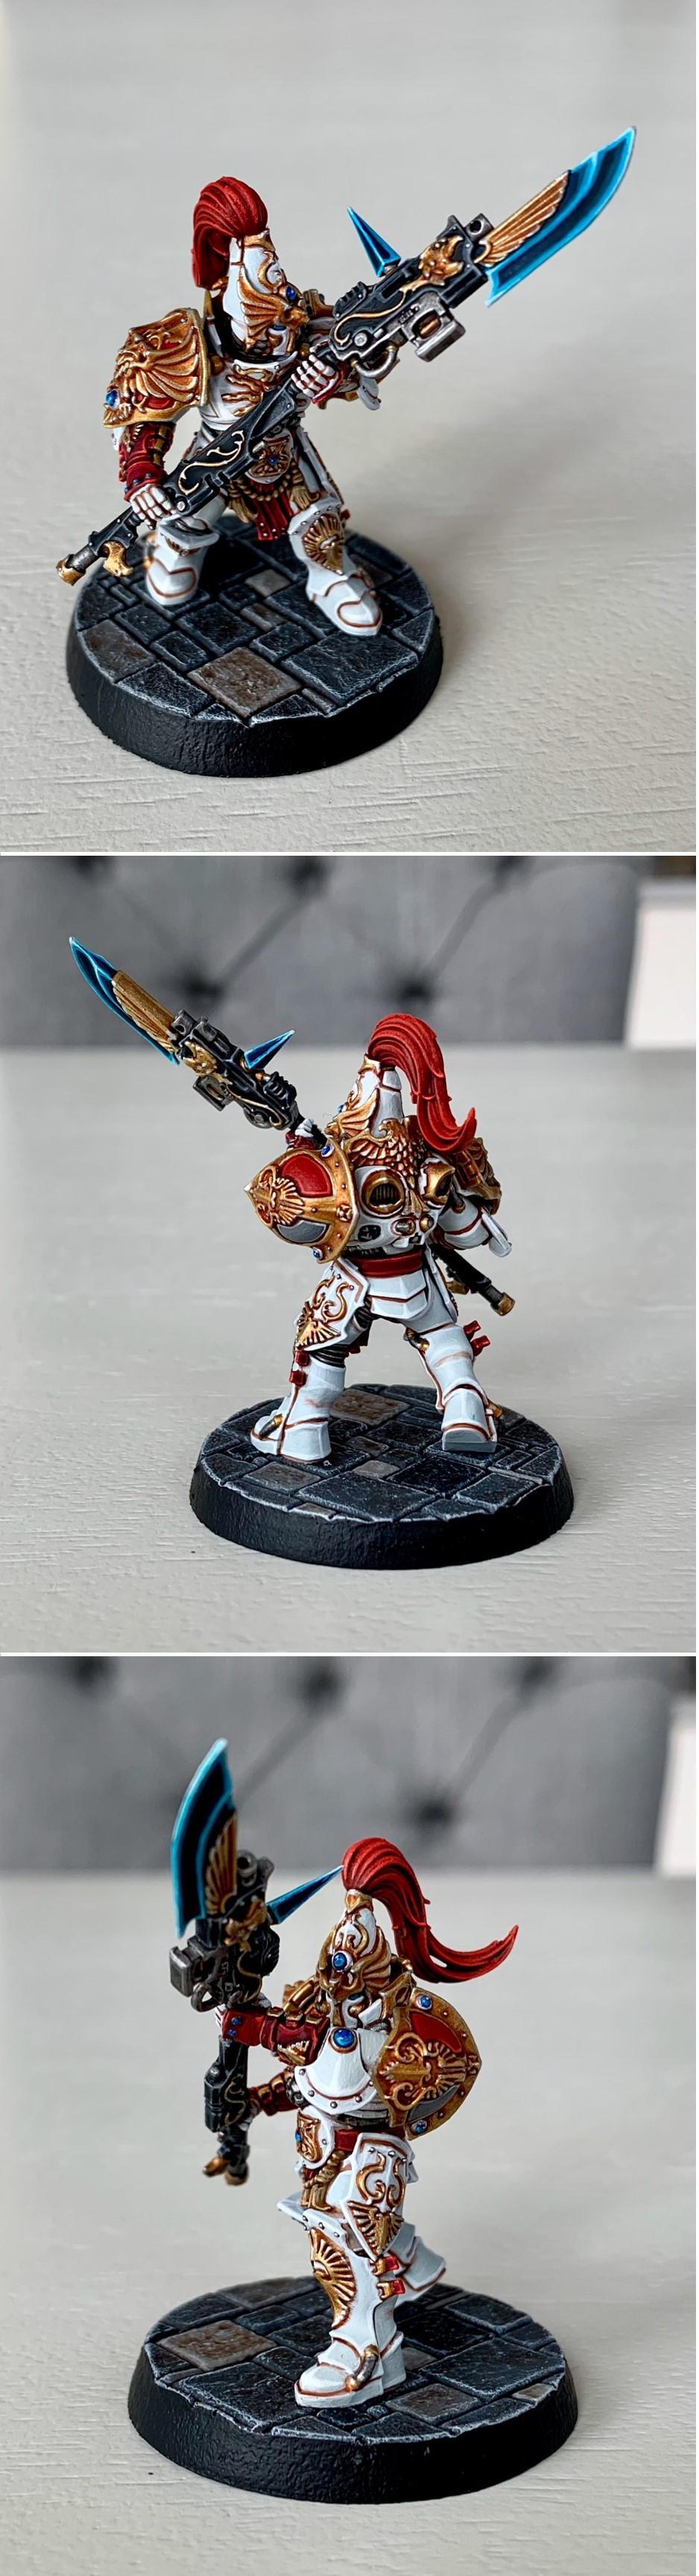 Custodes, Warhammer 40,000